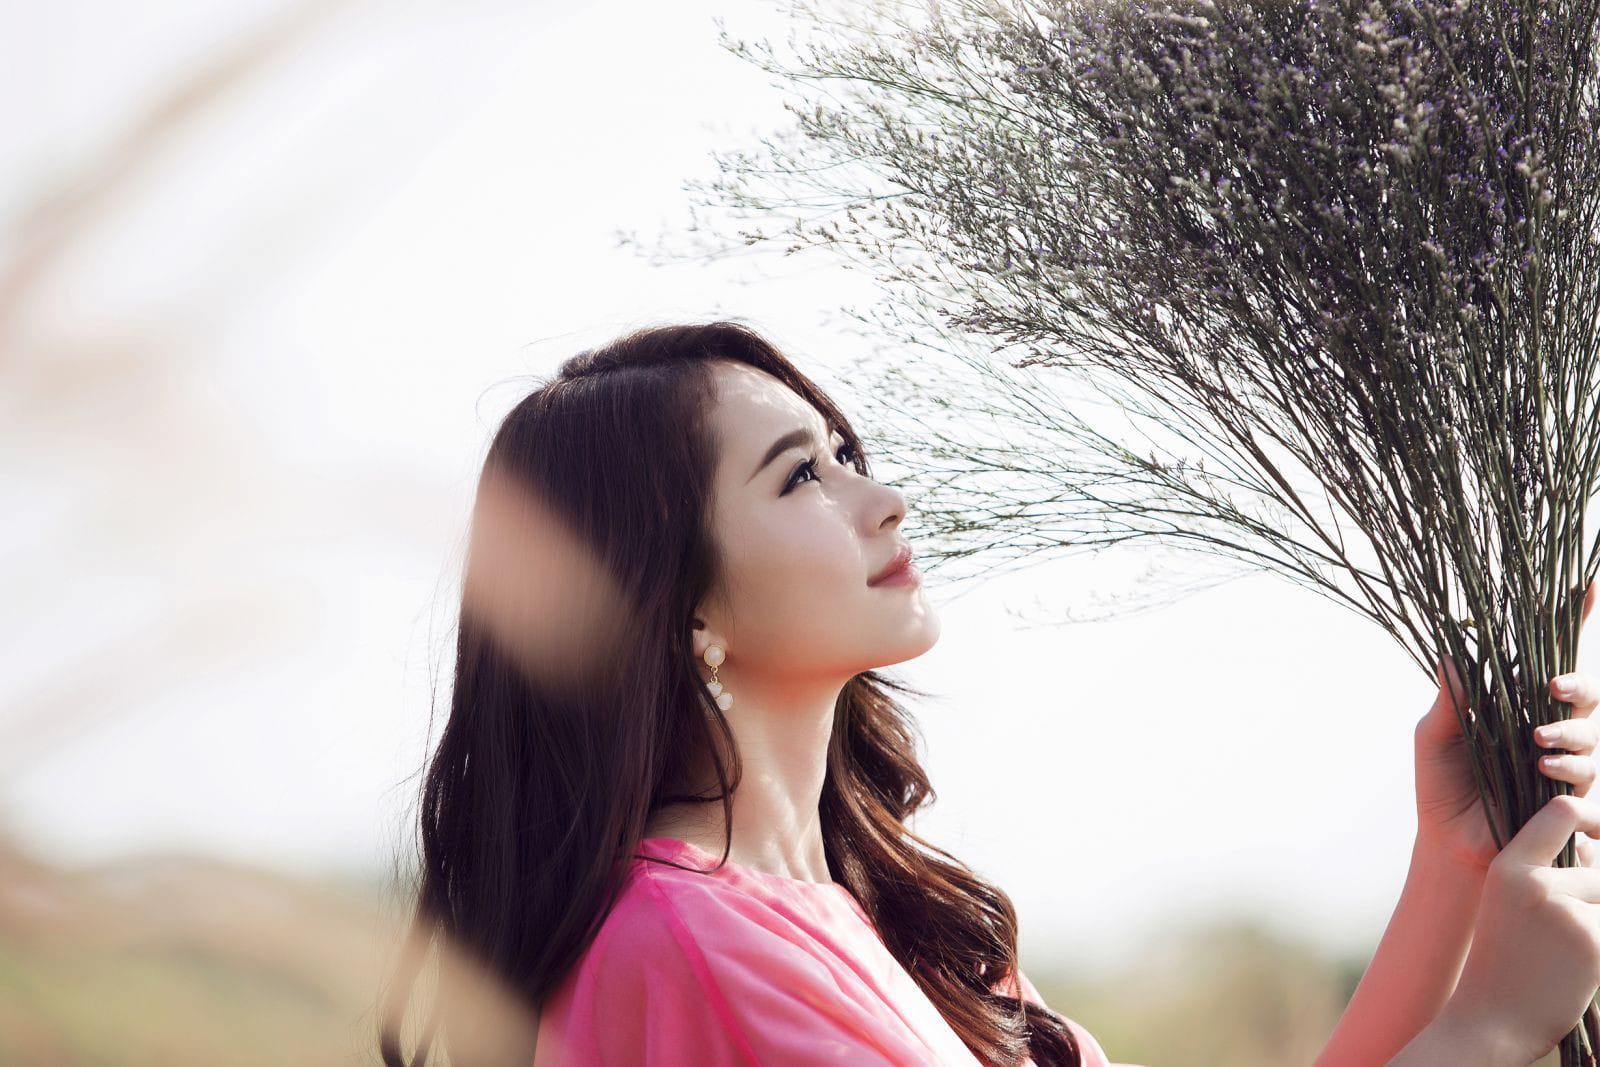 Phụ nữ trở nên tự tin hơn khi có một làn da đẹp mịn màng